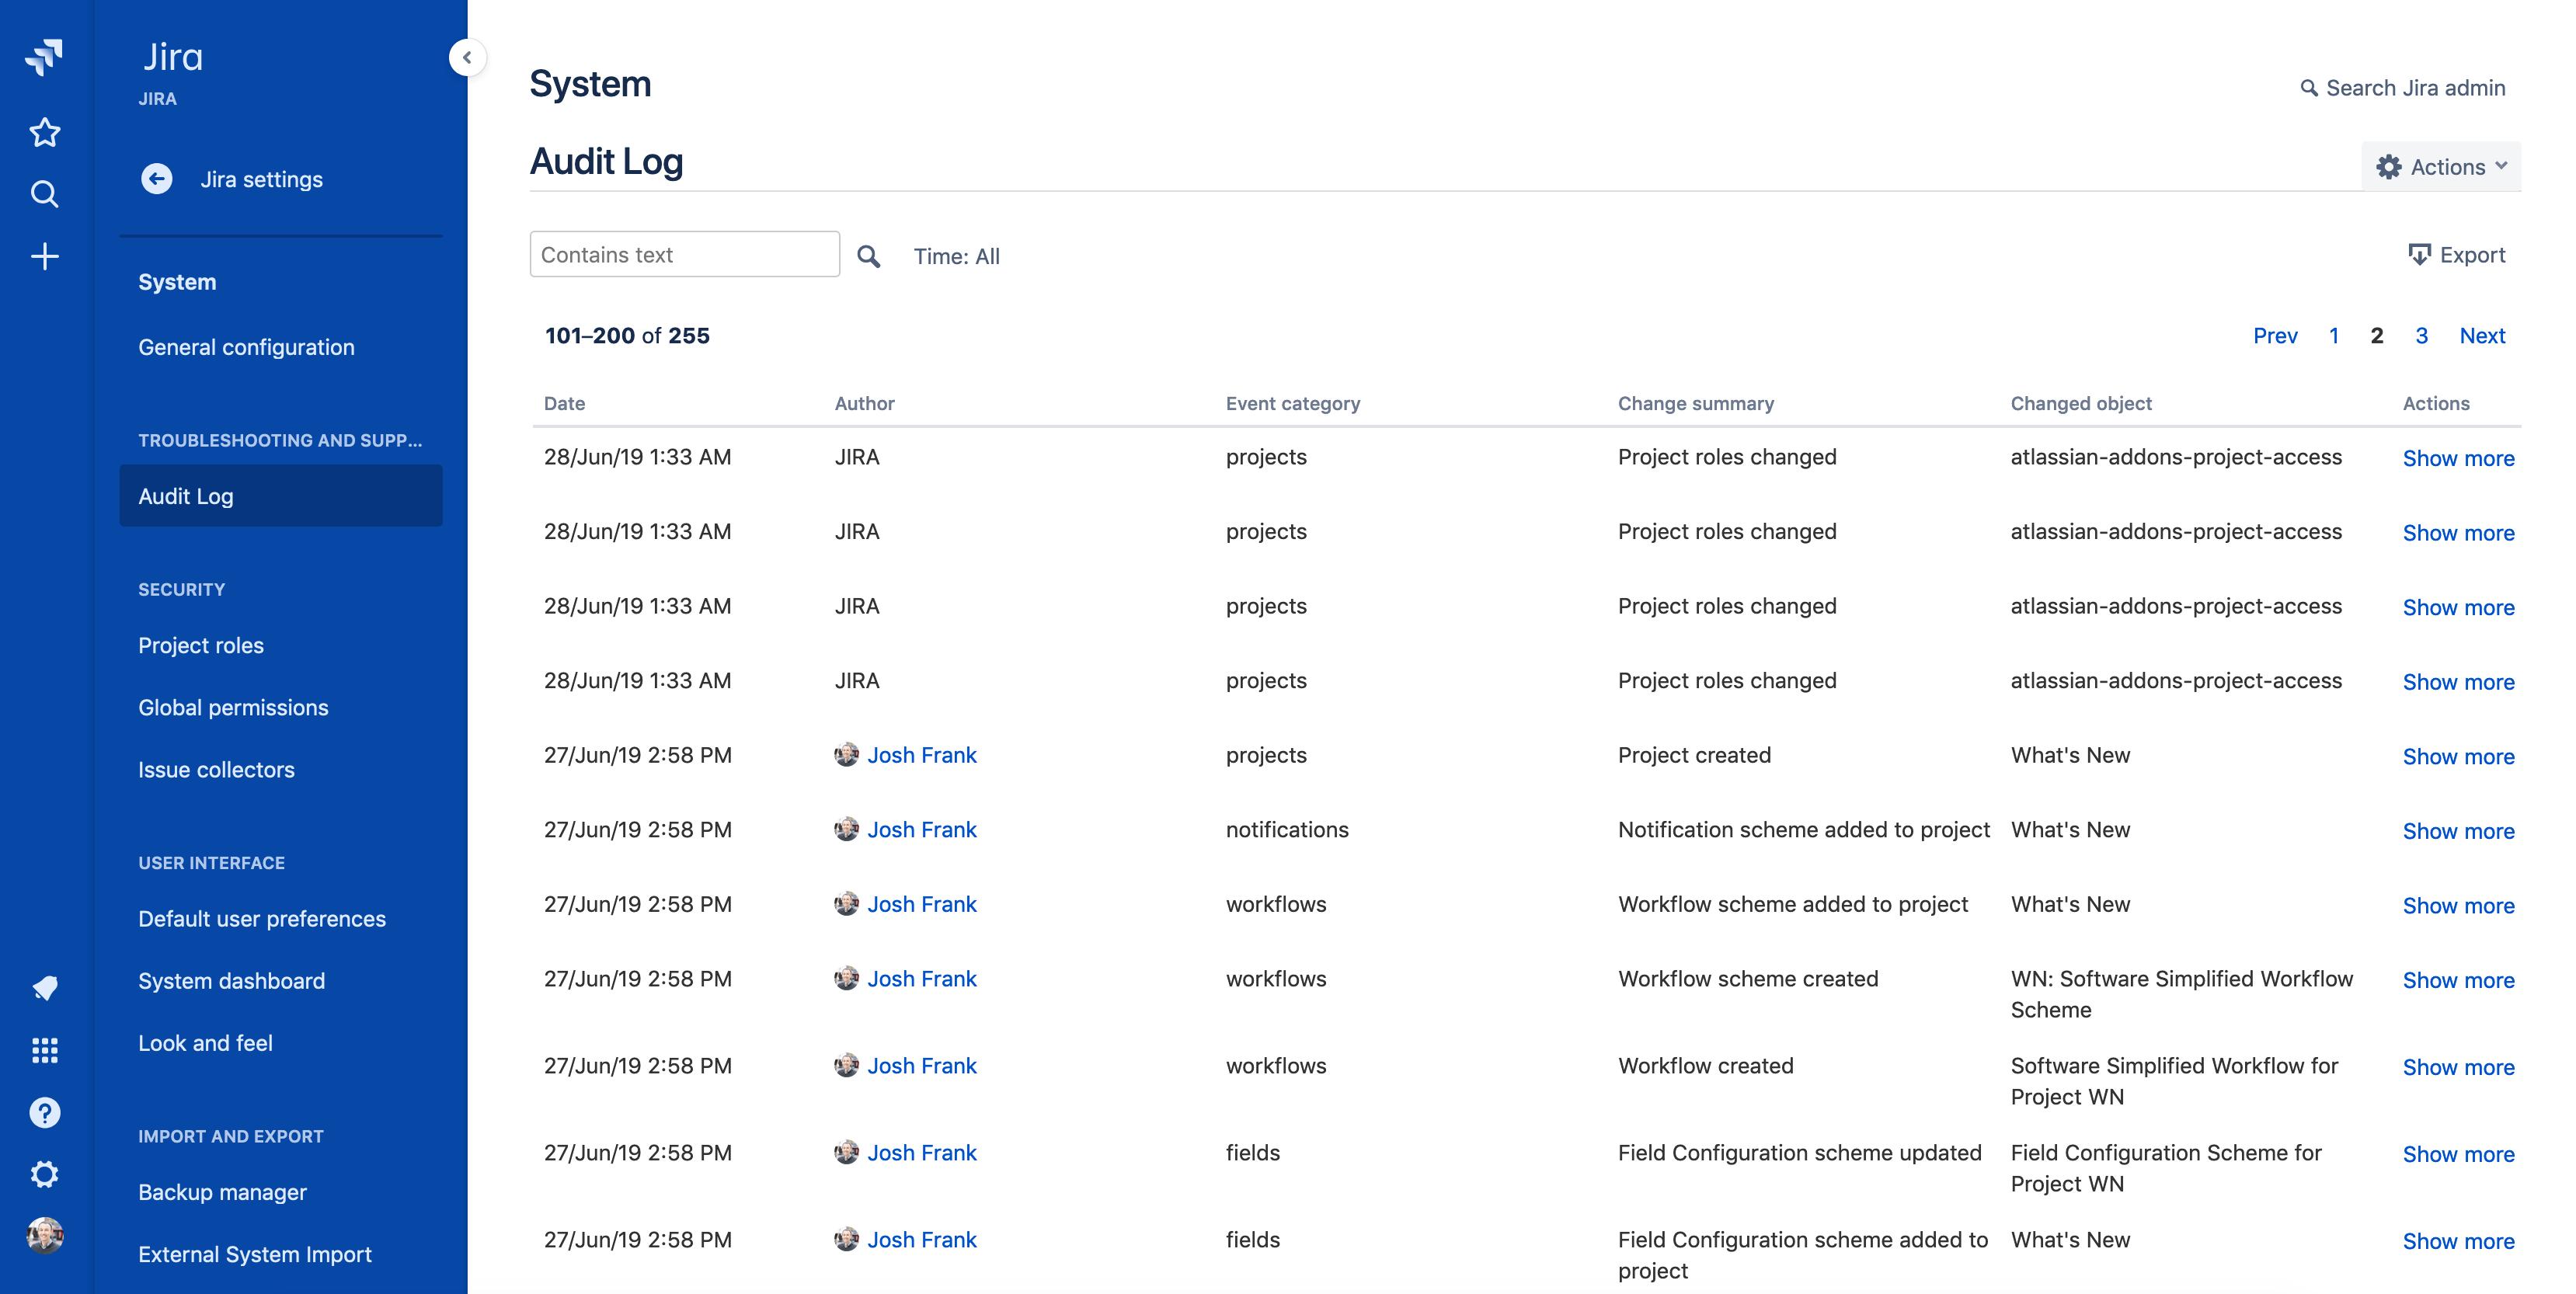 Képernyőkép az auditnaplókról